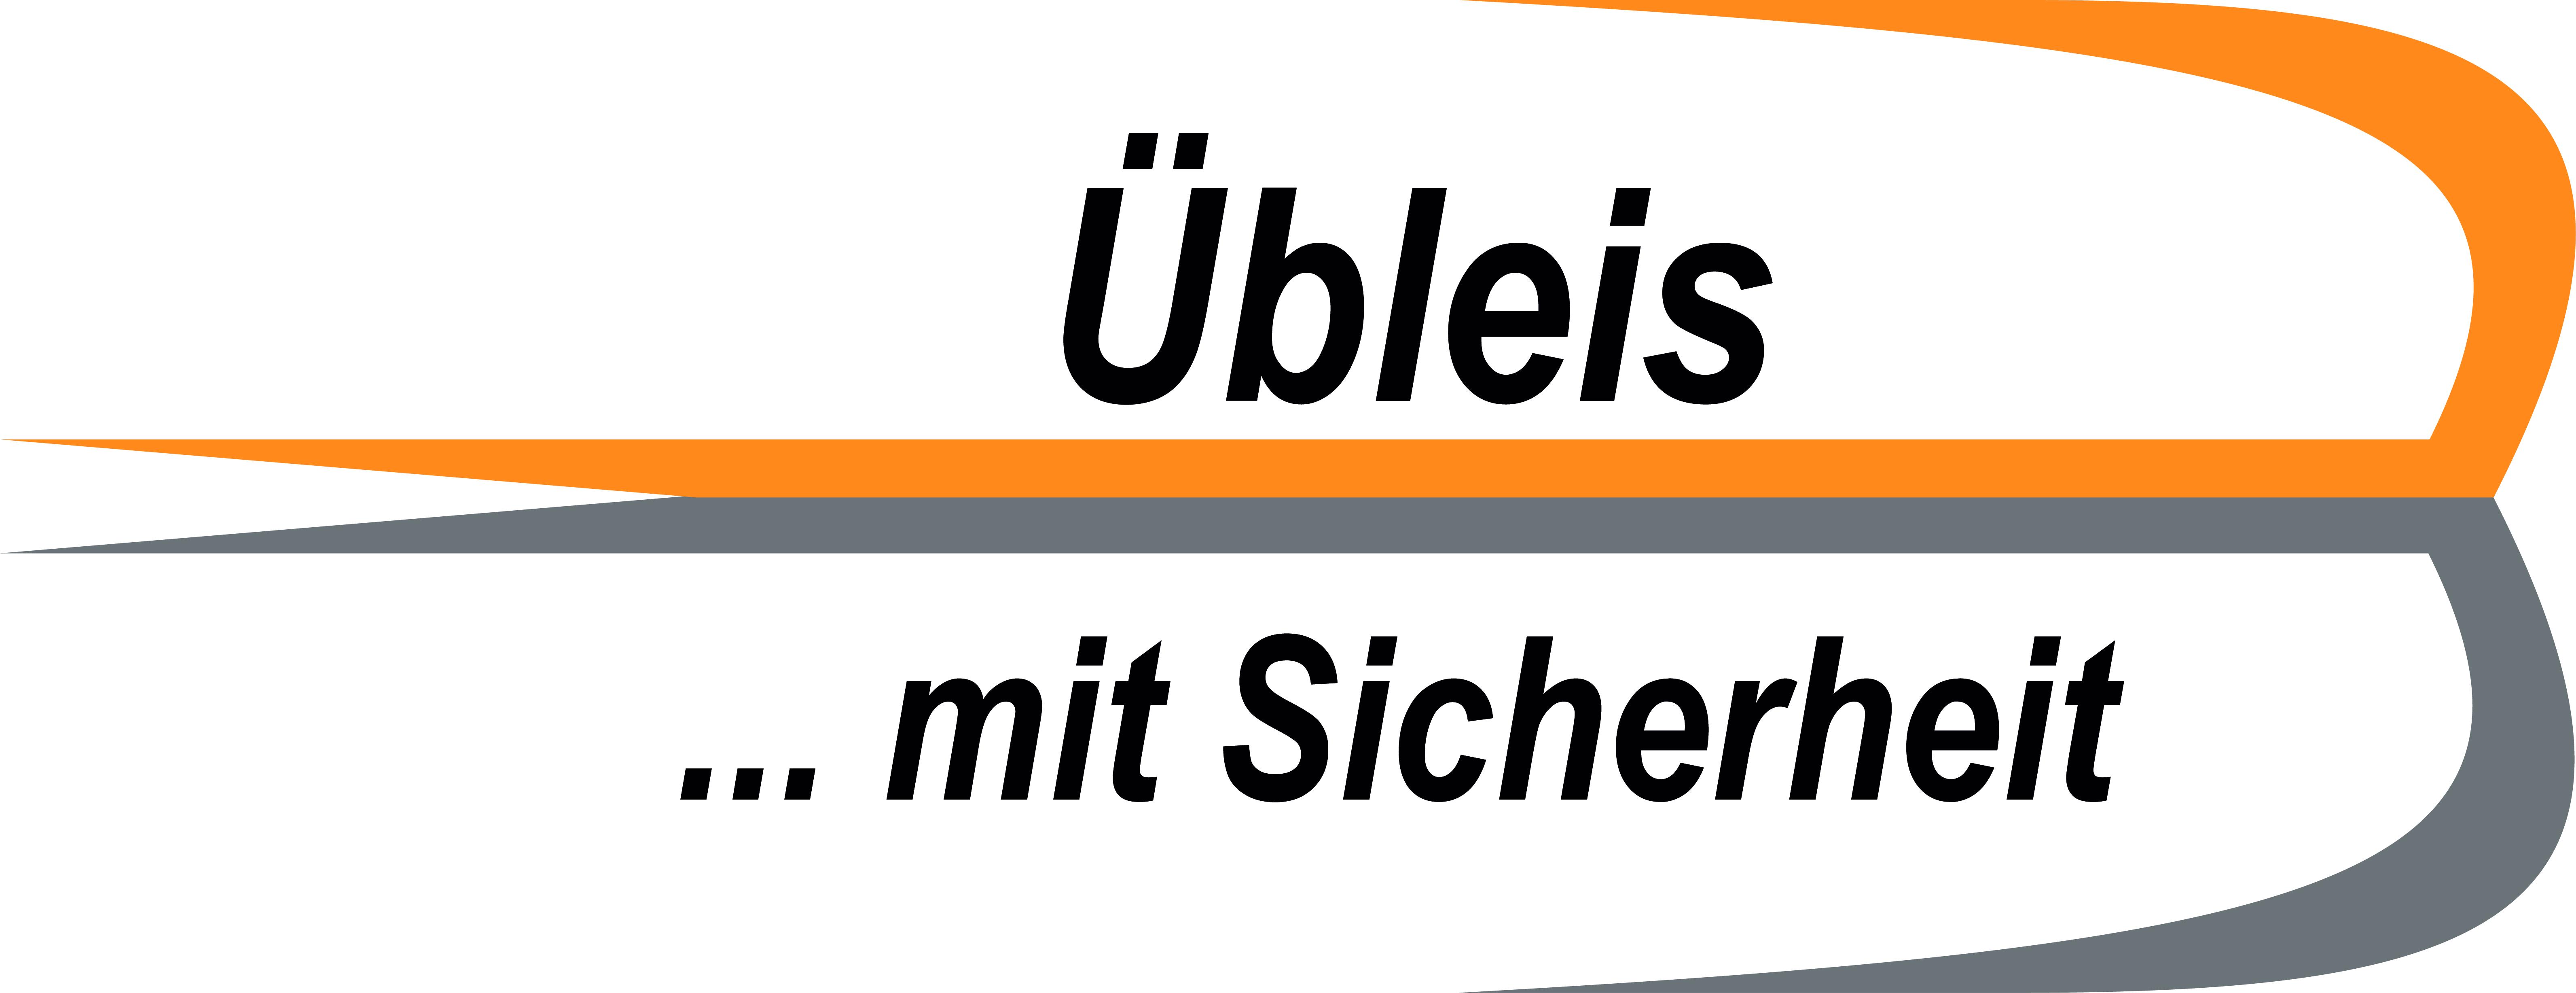 Übleis Sicherheitstechnik GmbH